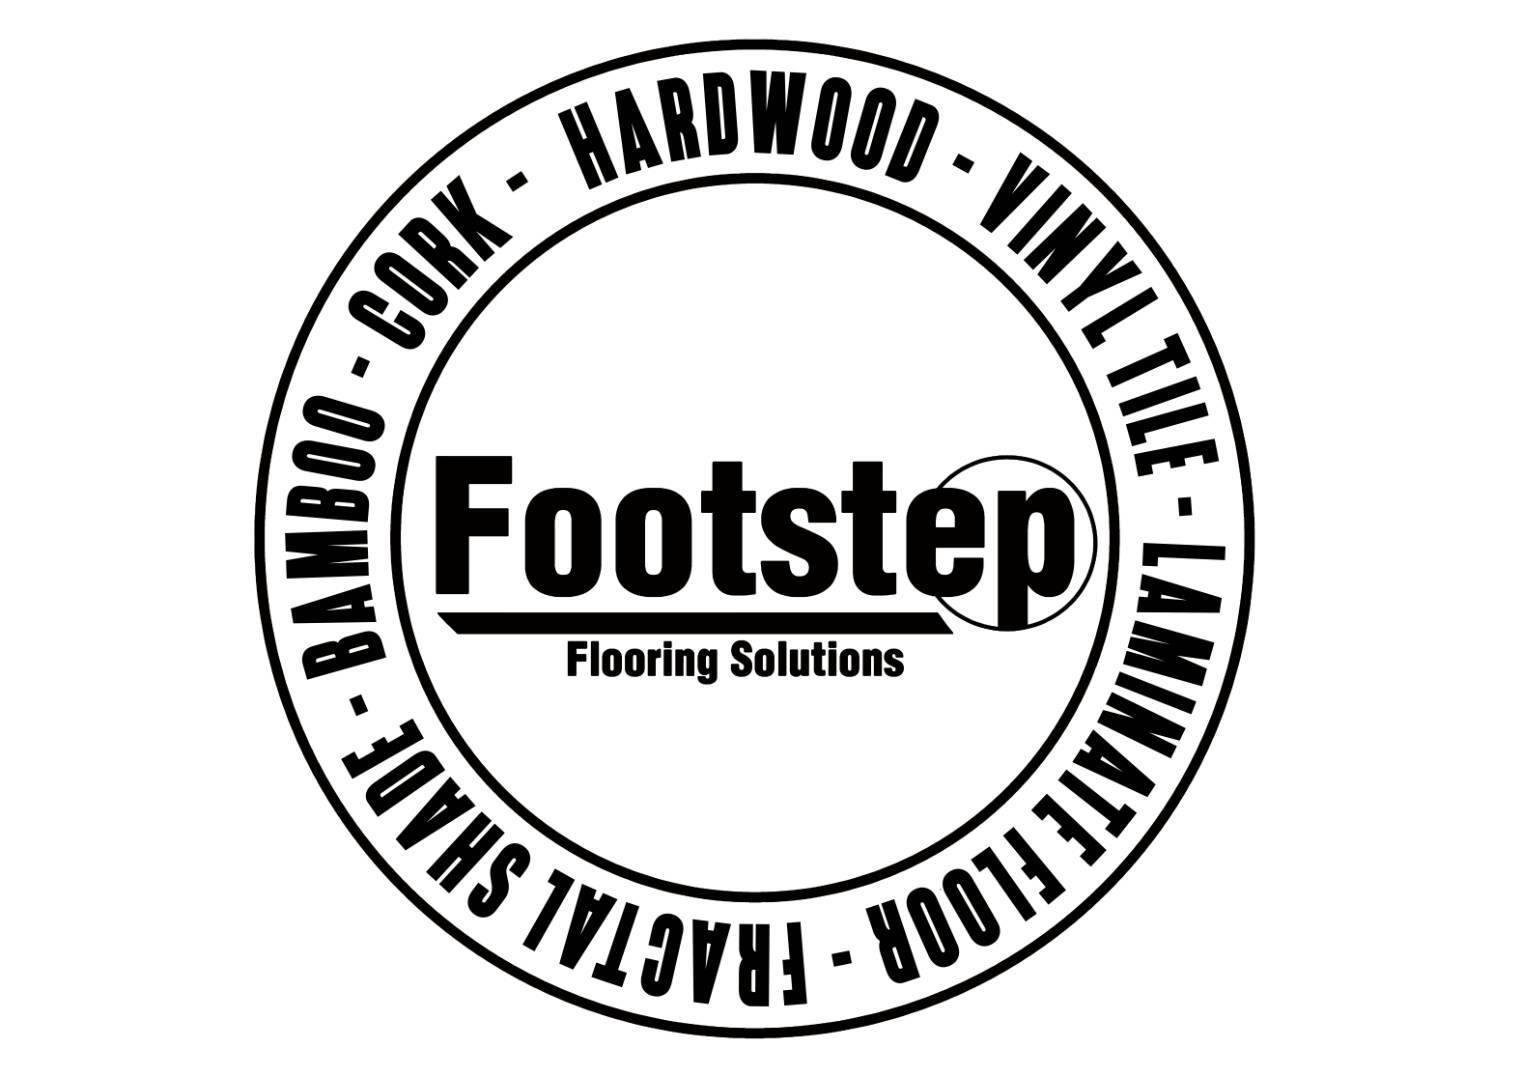 footstep_logo